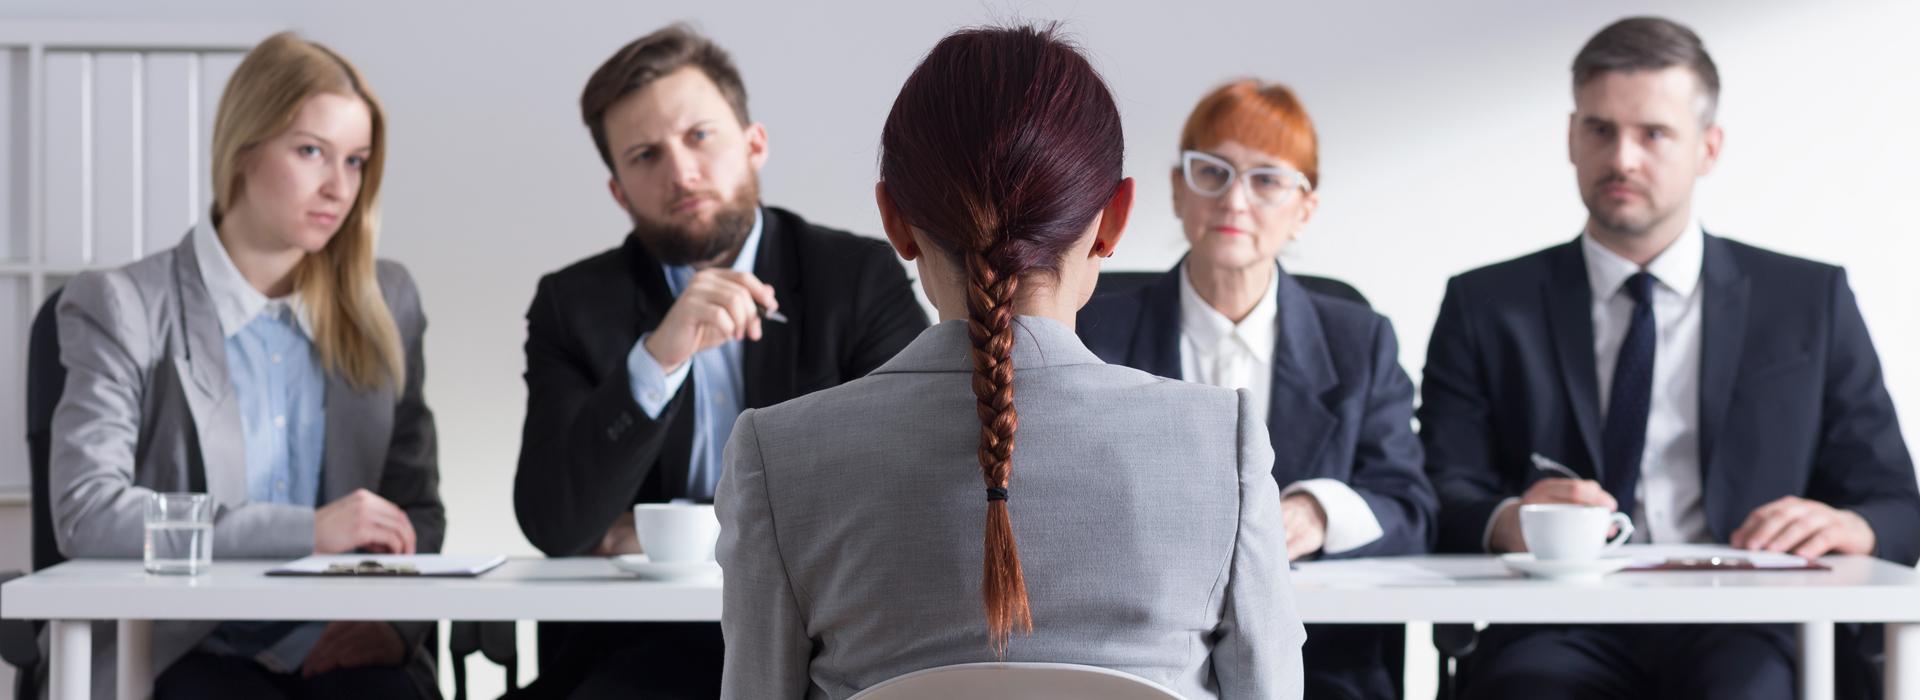 換工作好難!求職顧問教你,轉職必備履歷及面試心法!